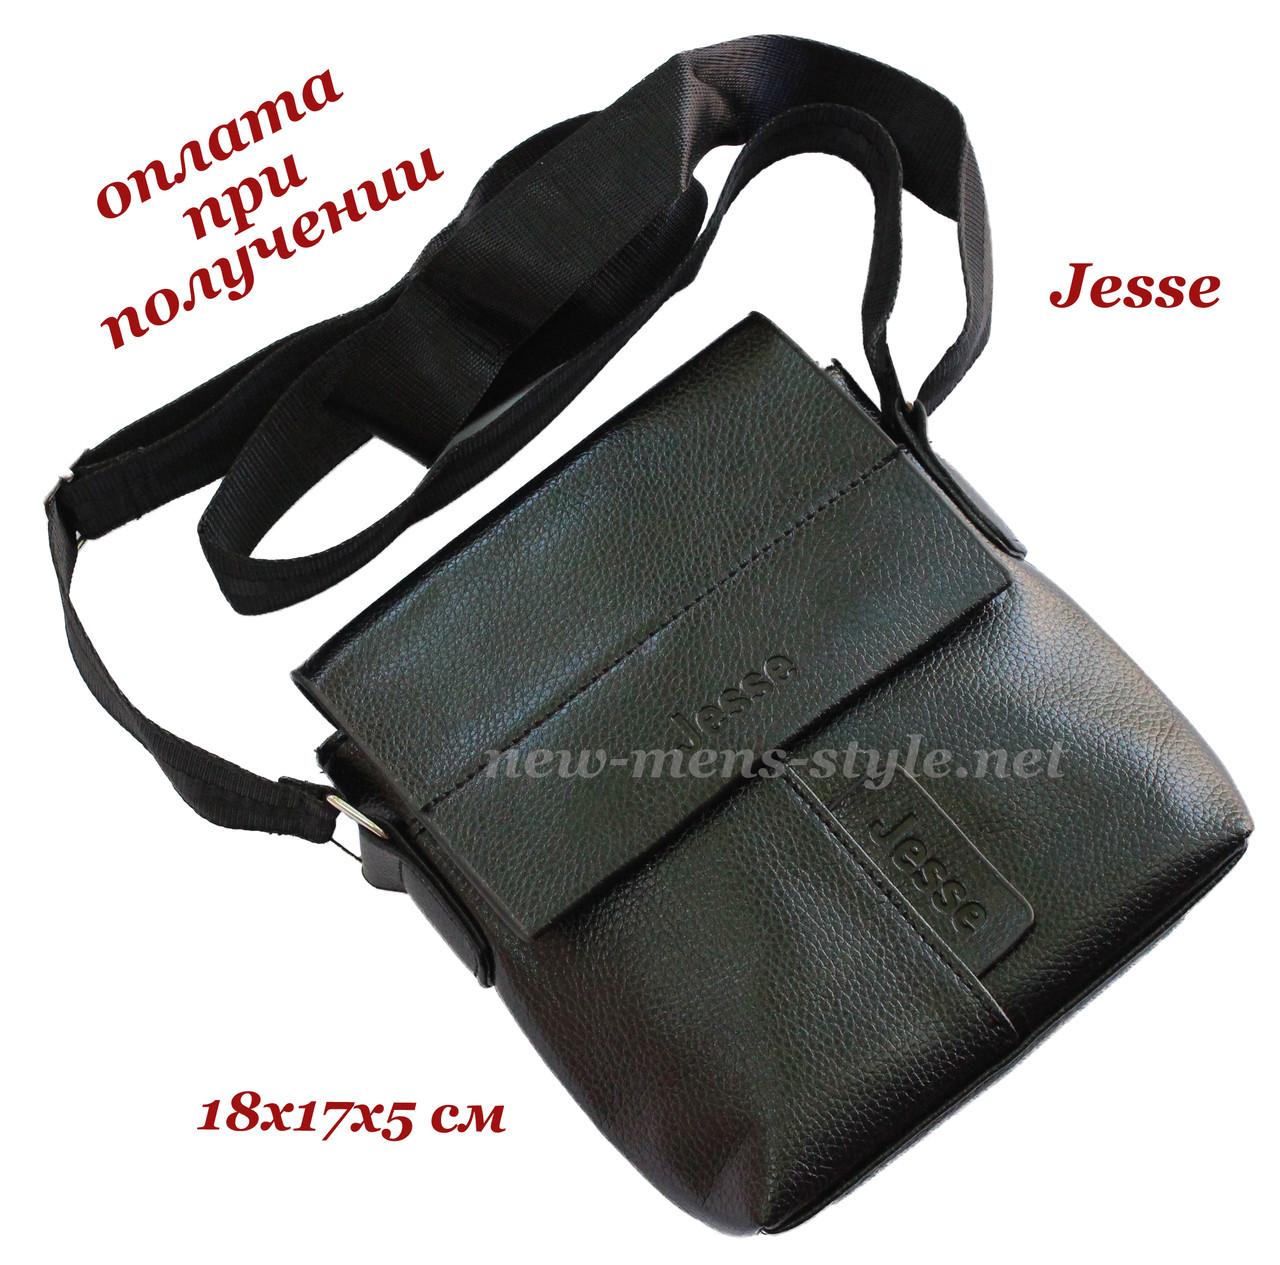 Мужская фирменная чоловіча кожаная сумка борсетка барсетка через плечо Jesse